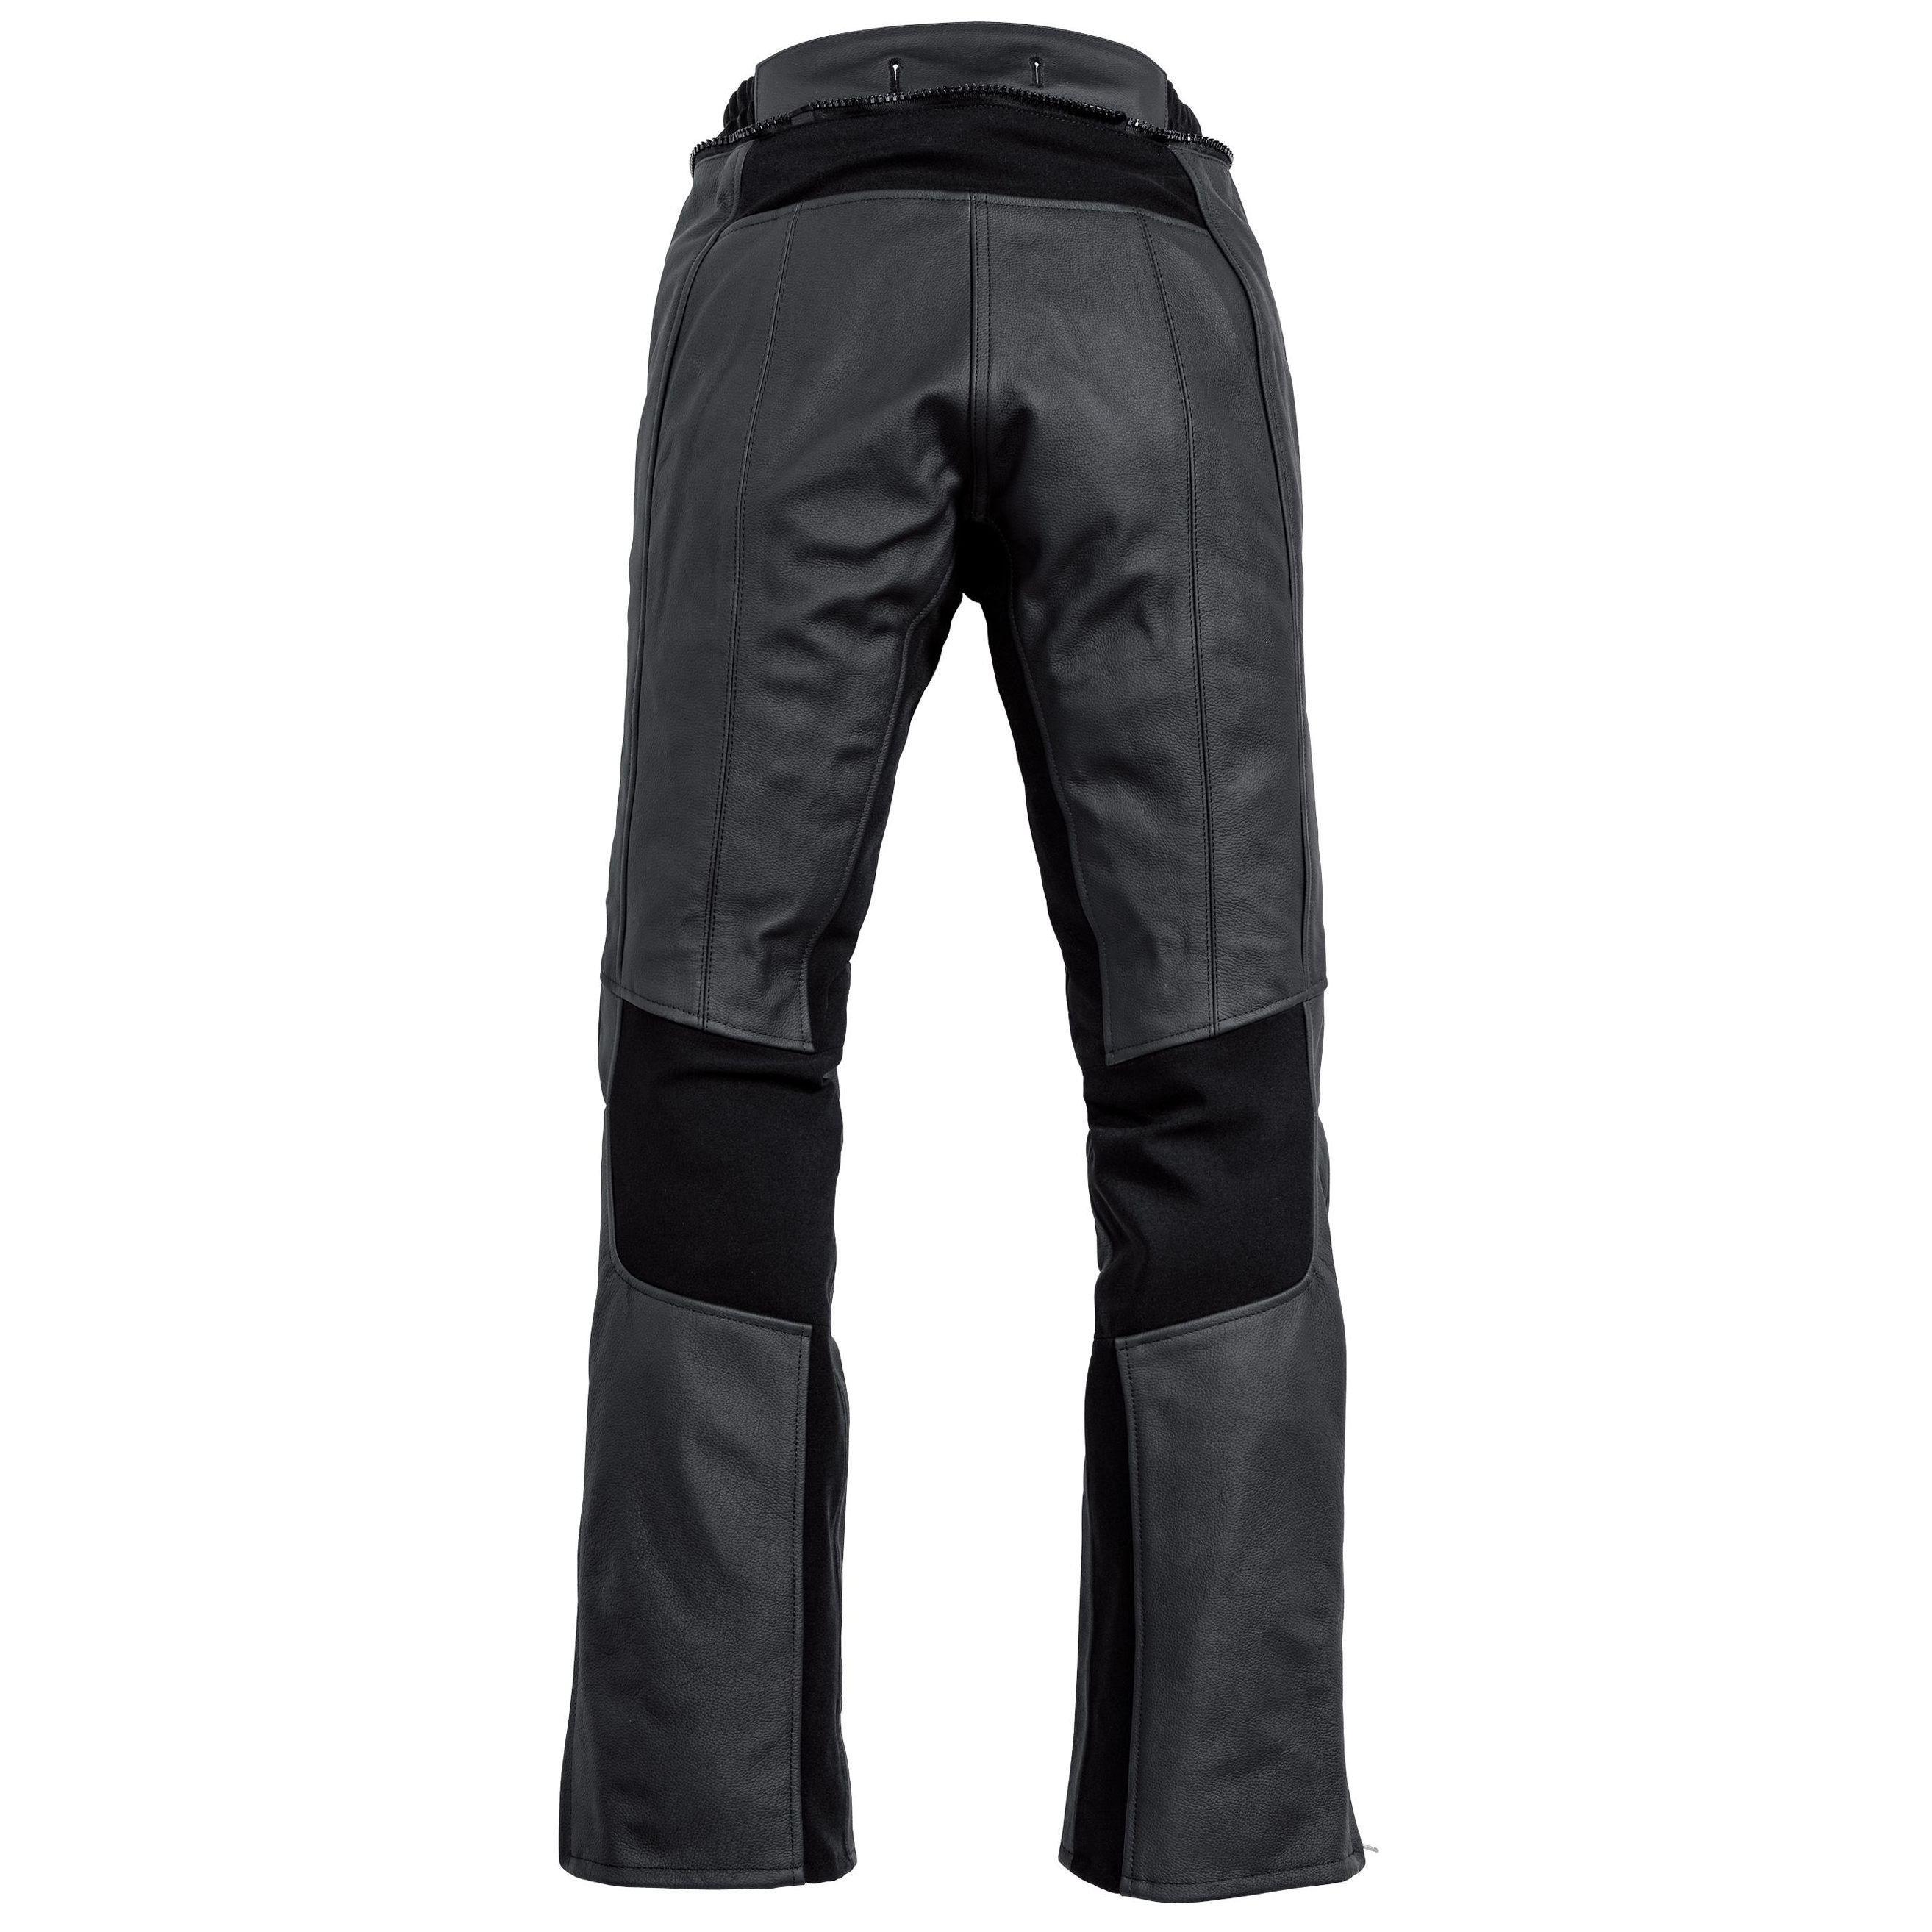 Motoblouz pantalon moto